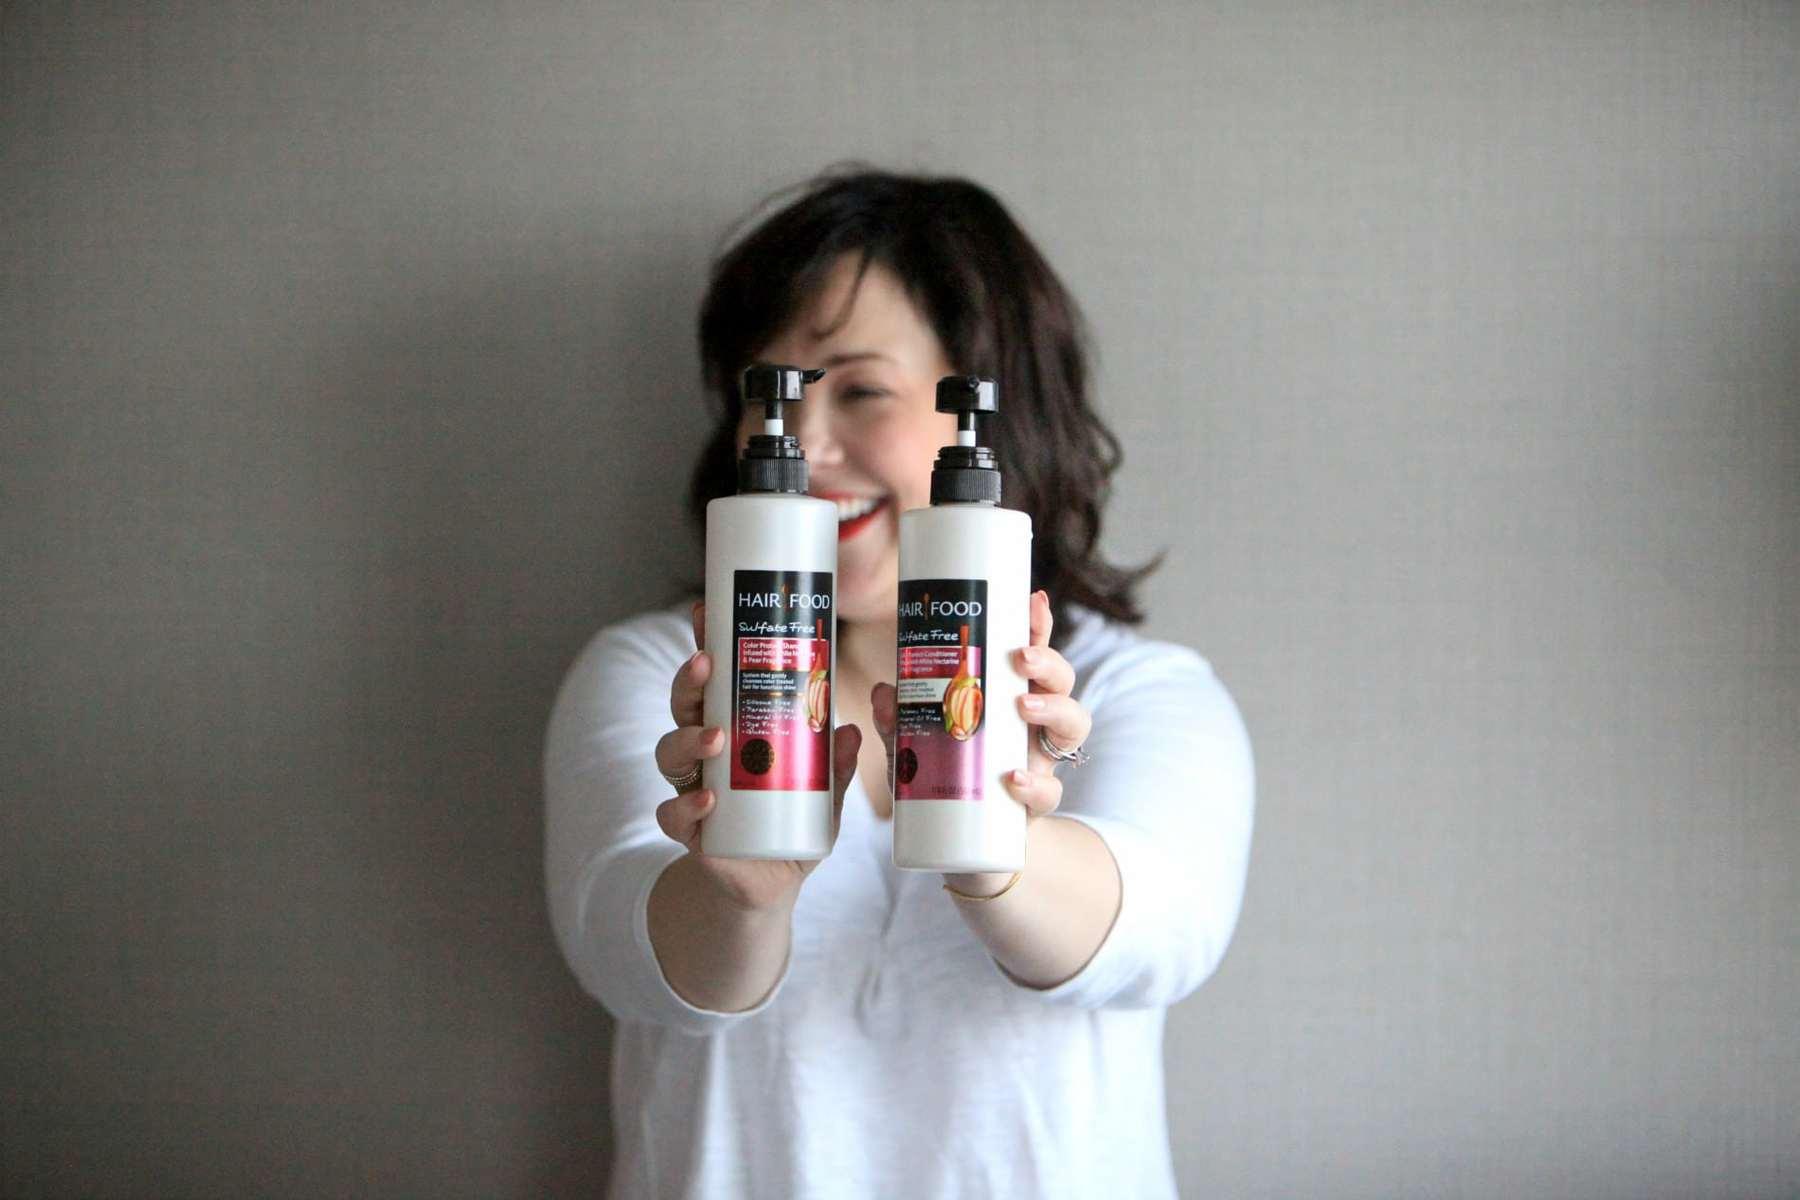 hair food shampoo color treated